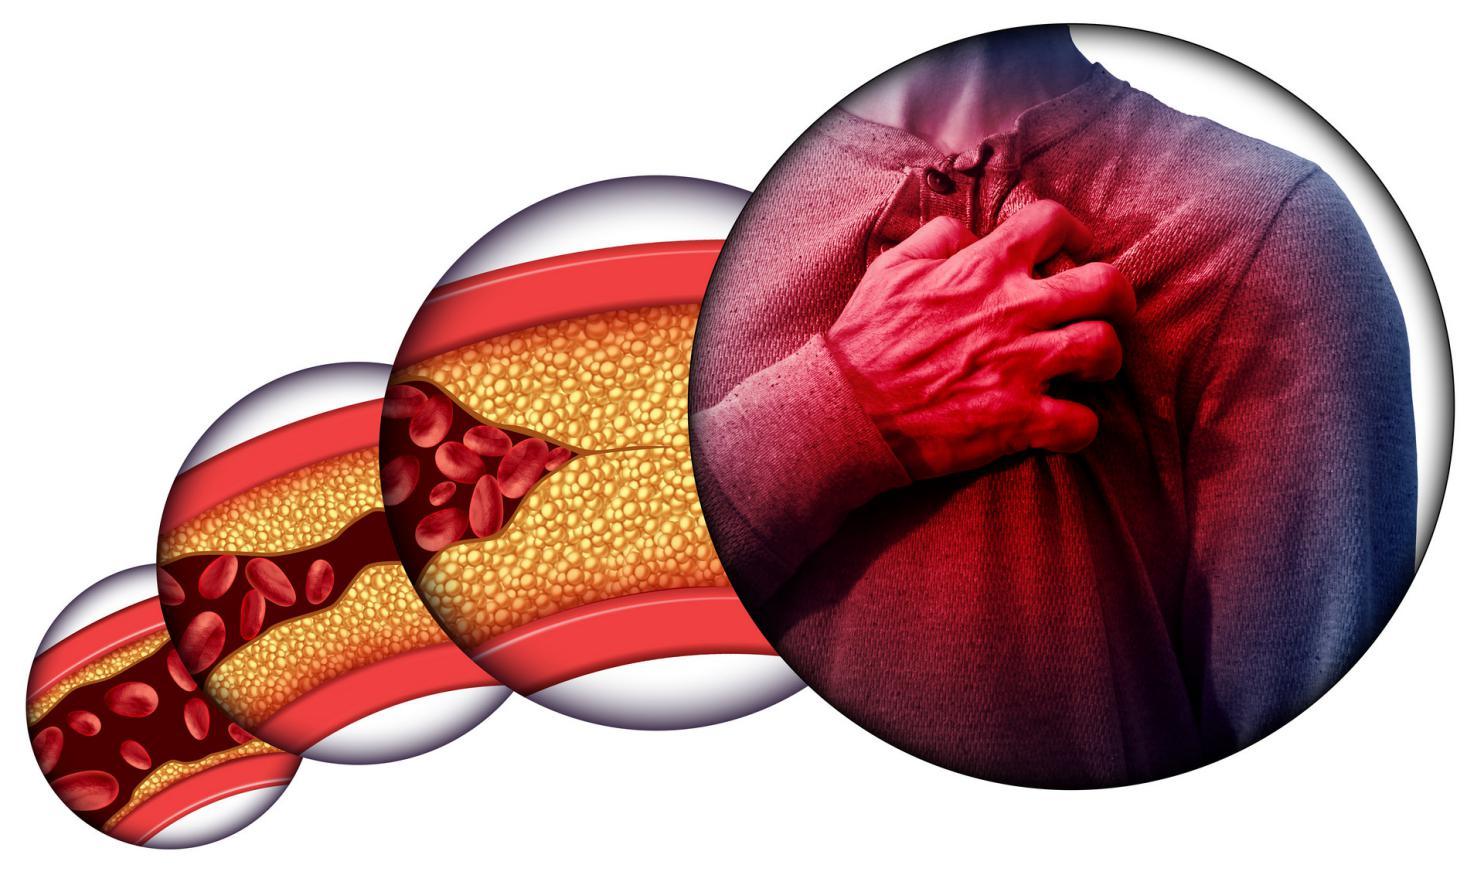 摄图网_300885327_banner_人类心脏病胸痛由堵塞的动脉动脉损害胆固醇导致心脏骤停与三维插图元素(非企业商用)